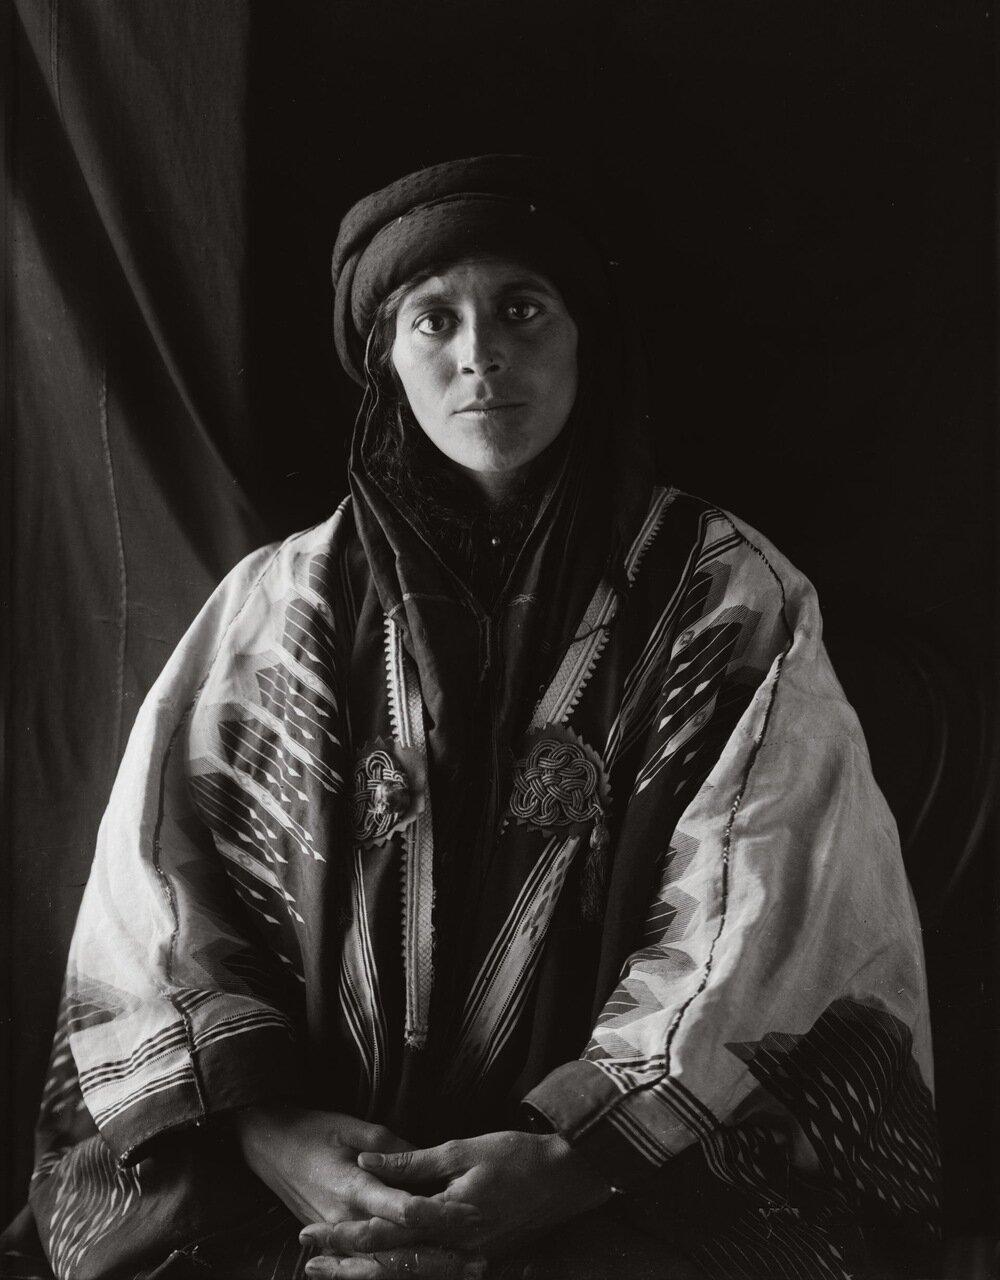 Невеста. Бедуинская свадьба. Трансиордания. 1900-1920 гг.